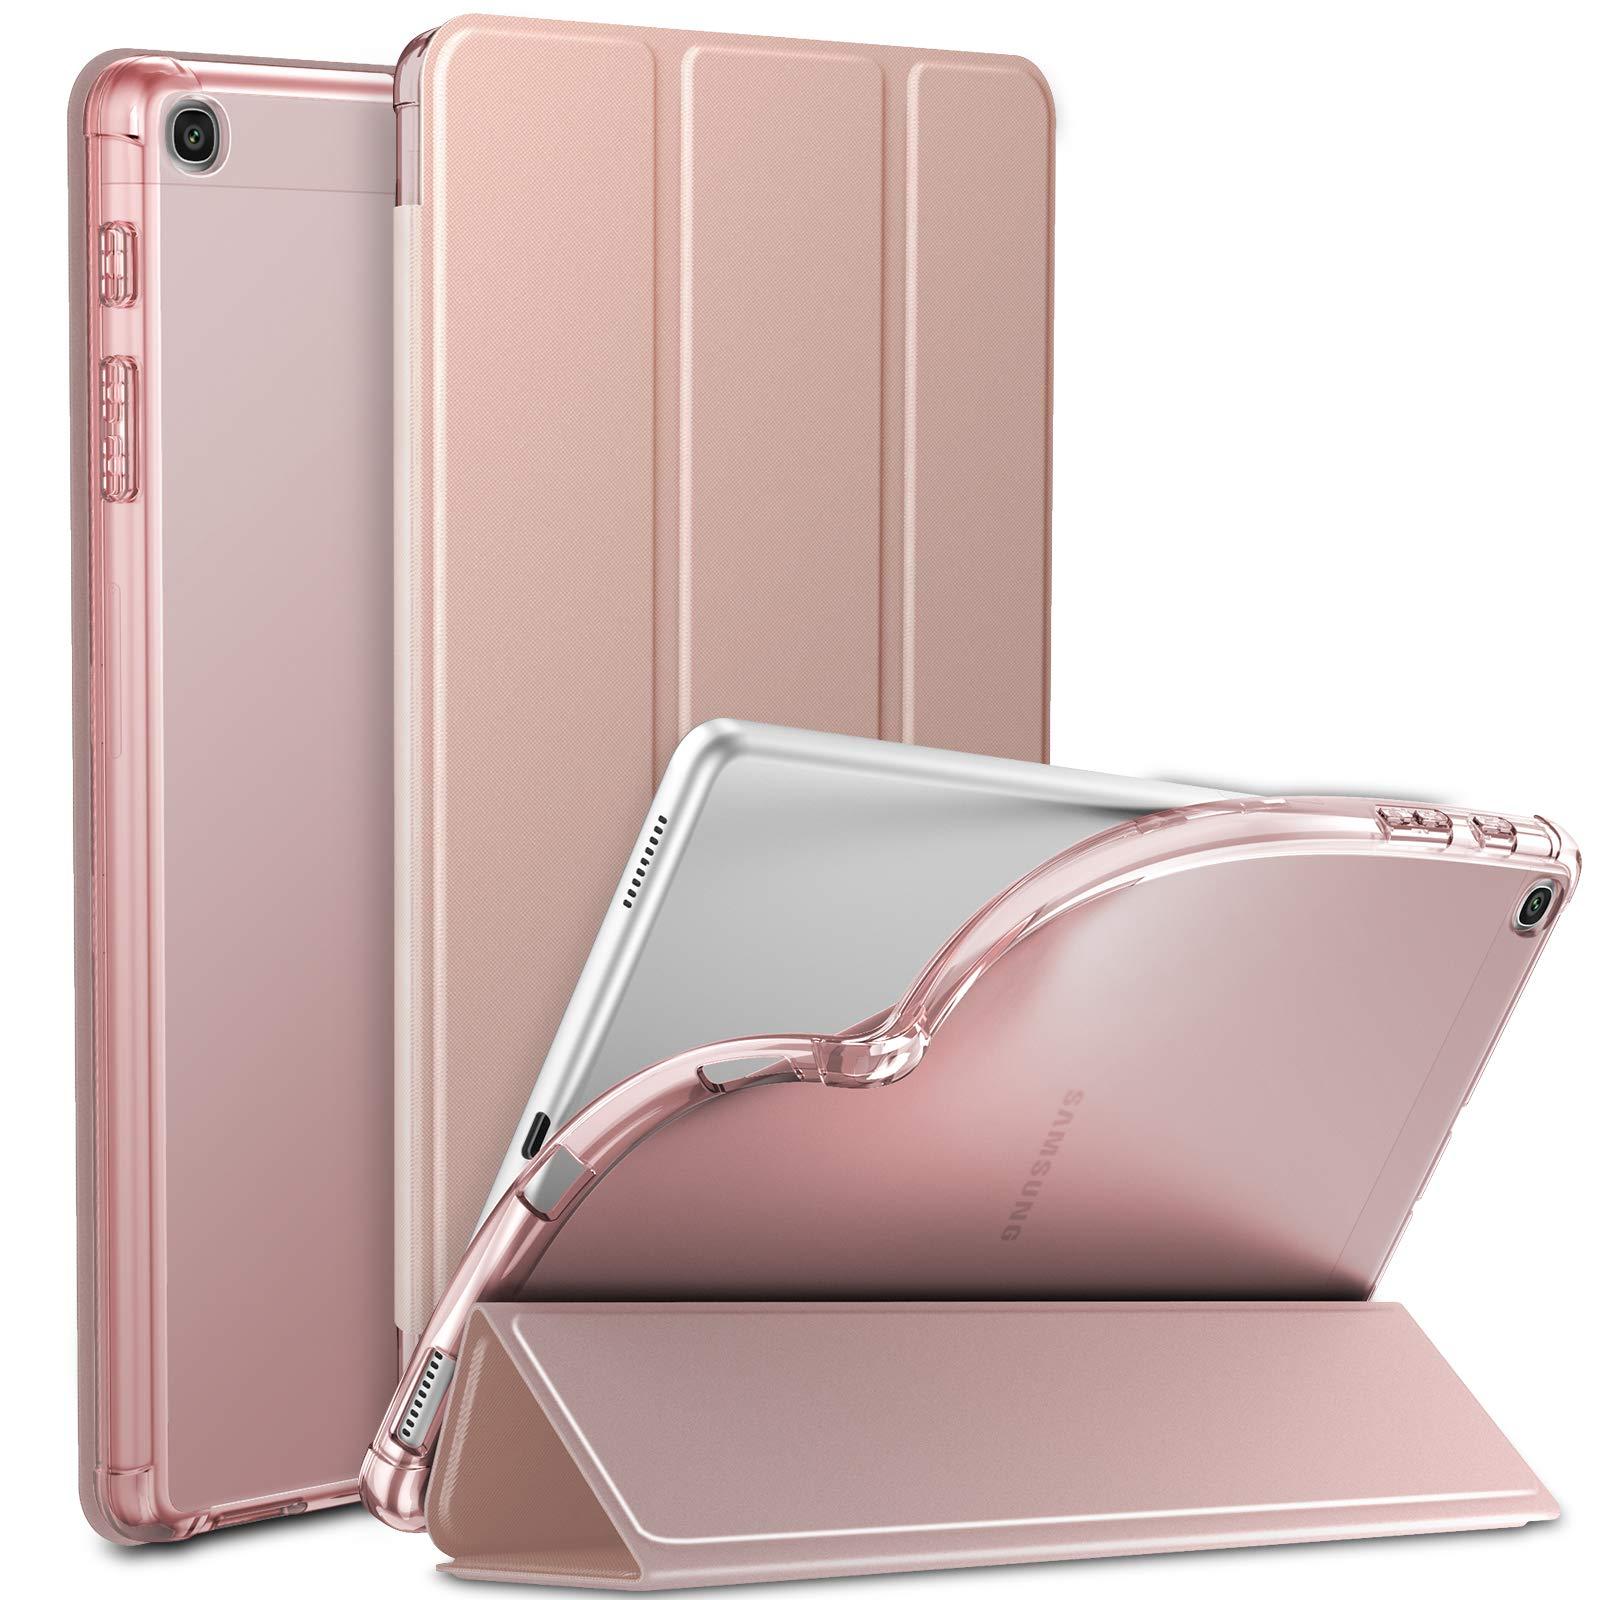 Funda Samsung Galaxy Tab A 10.1 Sm-t510 (2019) Infiland [7rr7f7qh]